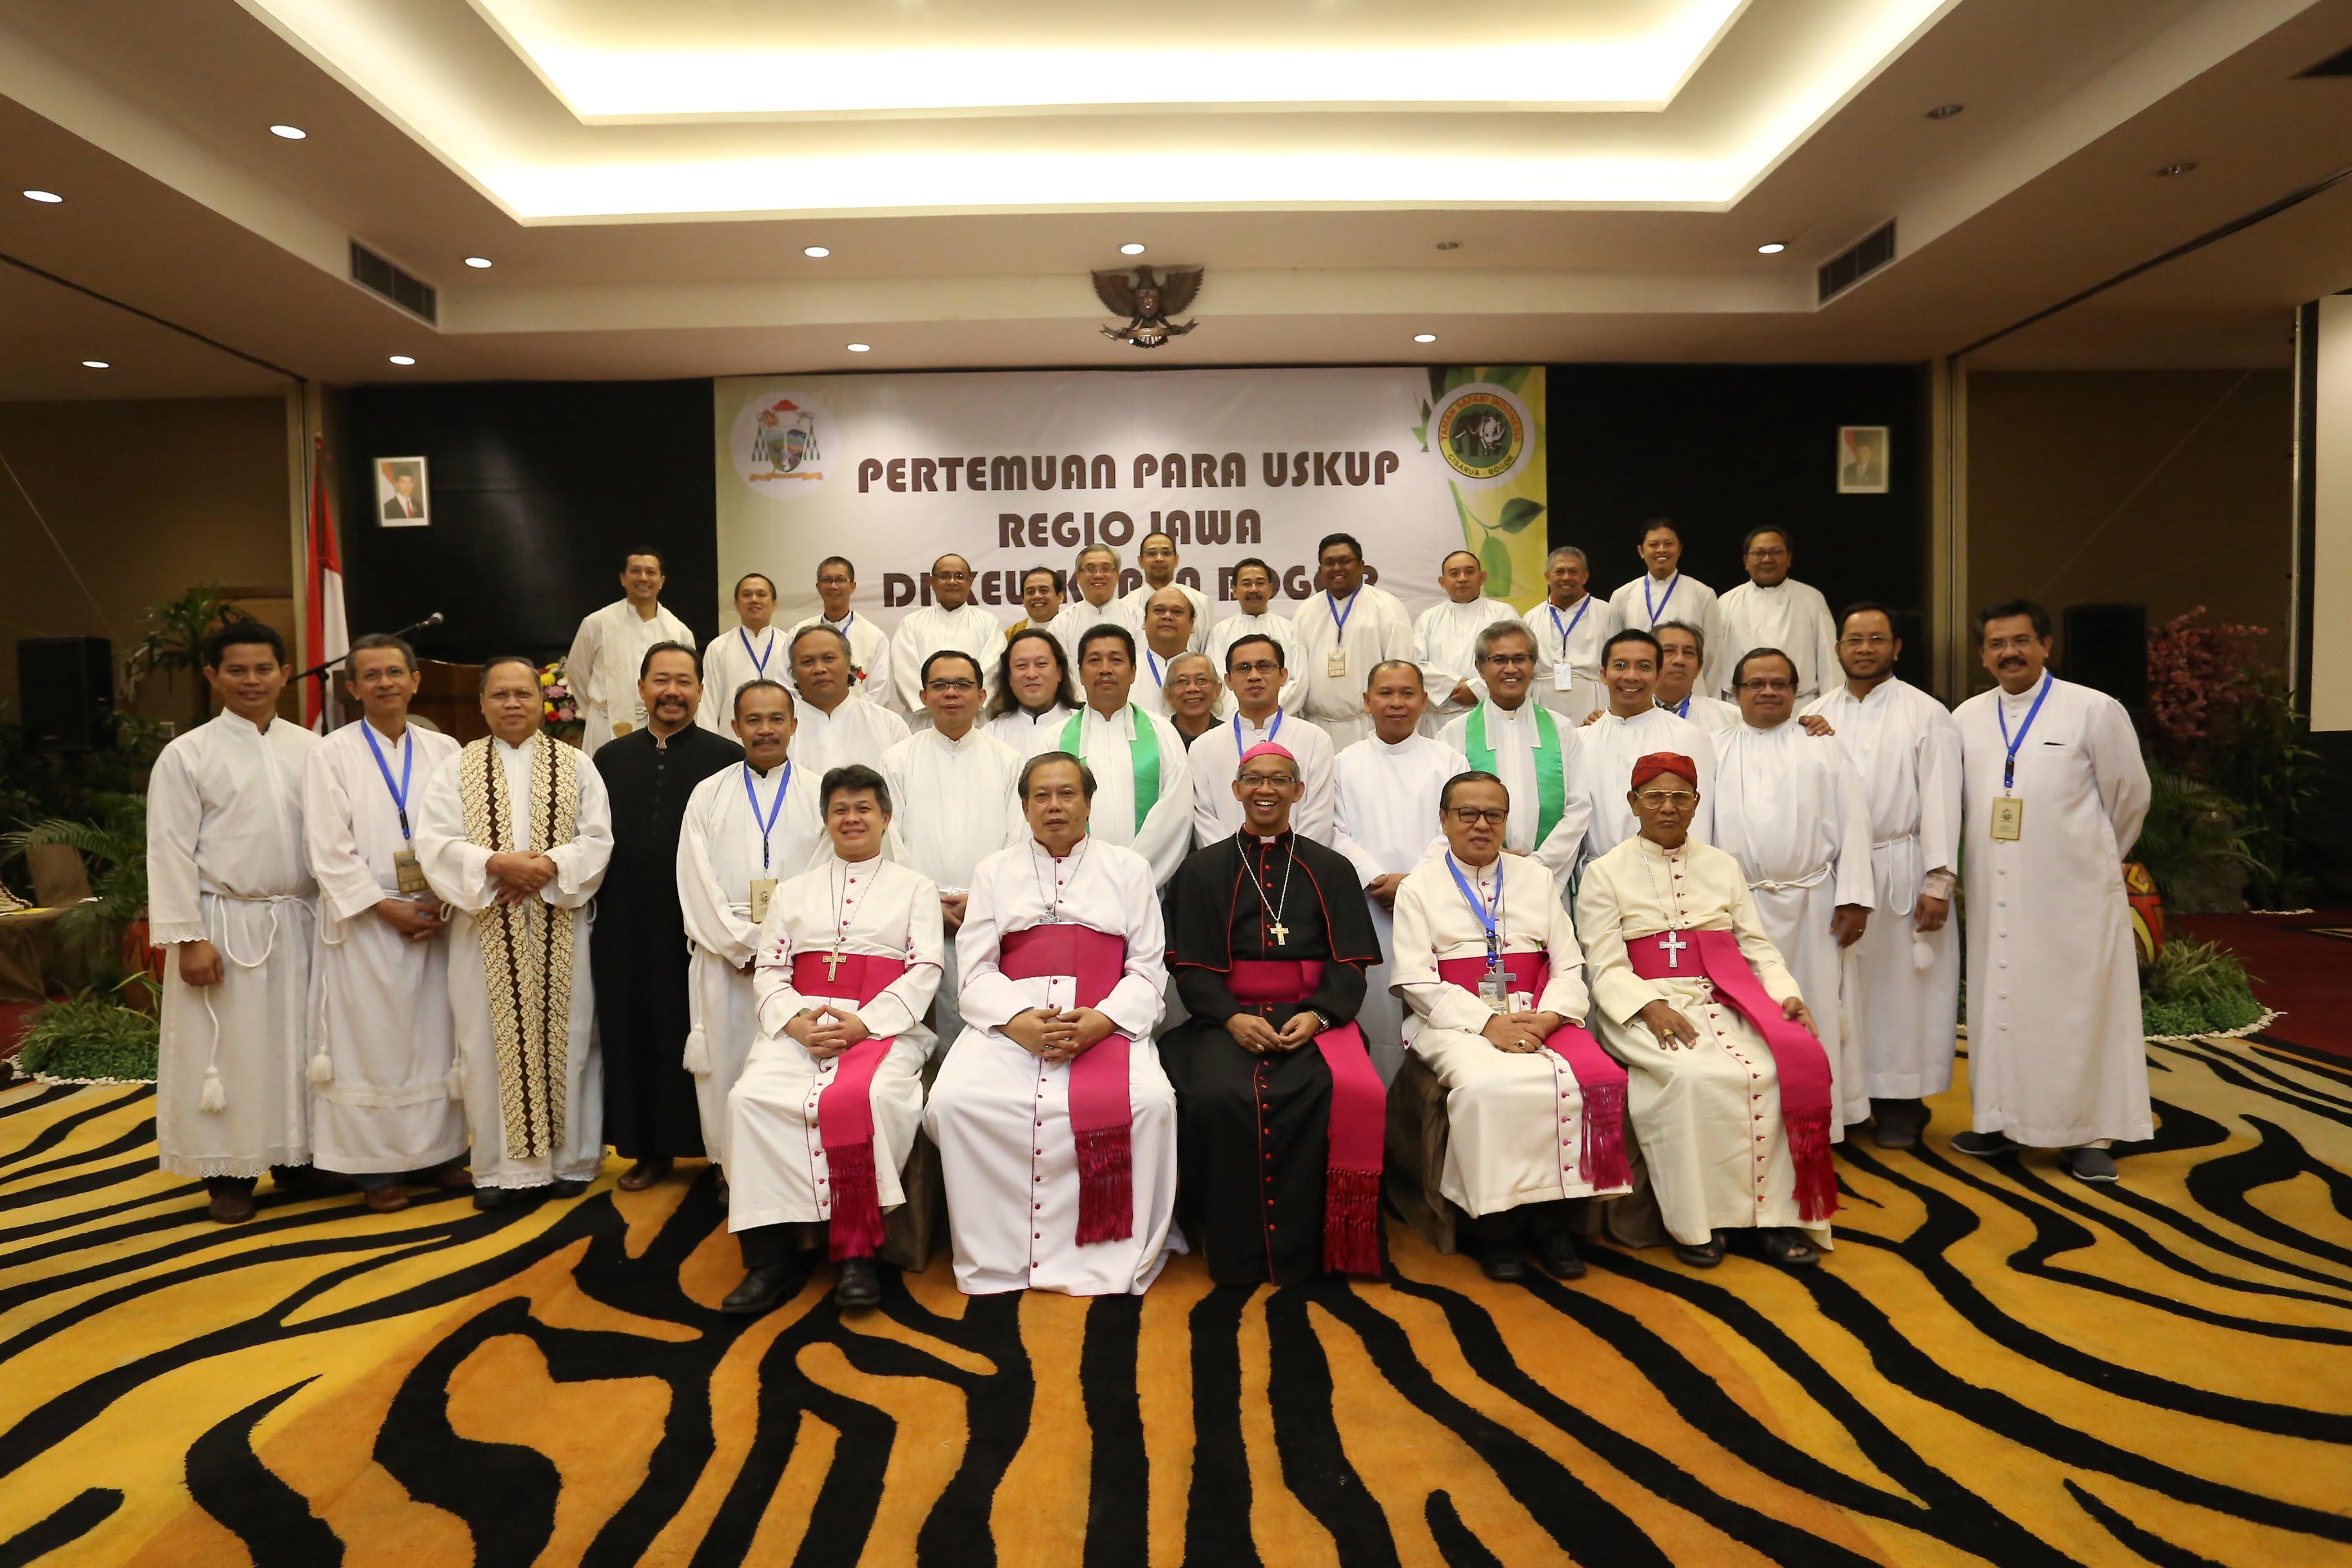 Pertemuan Kuria Keuskupan Regio Jawa